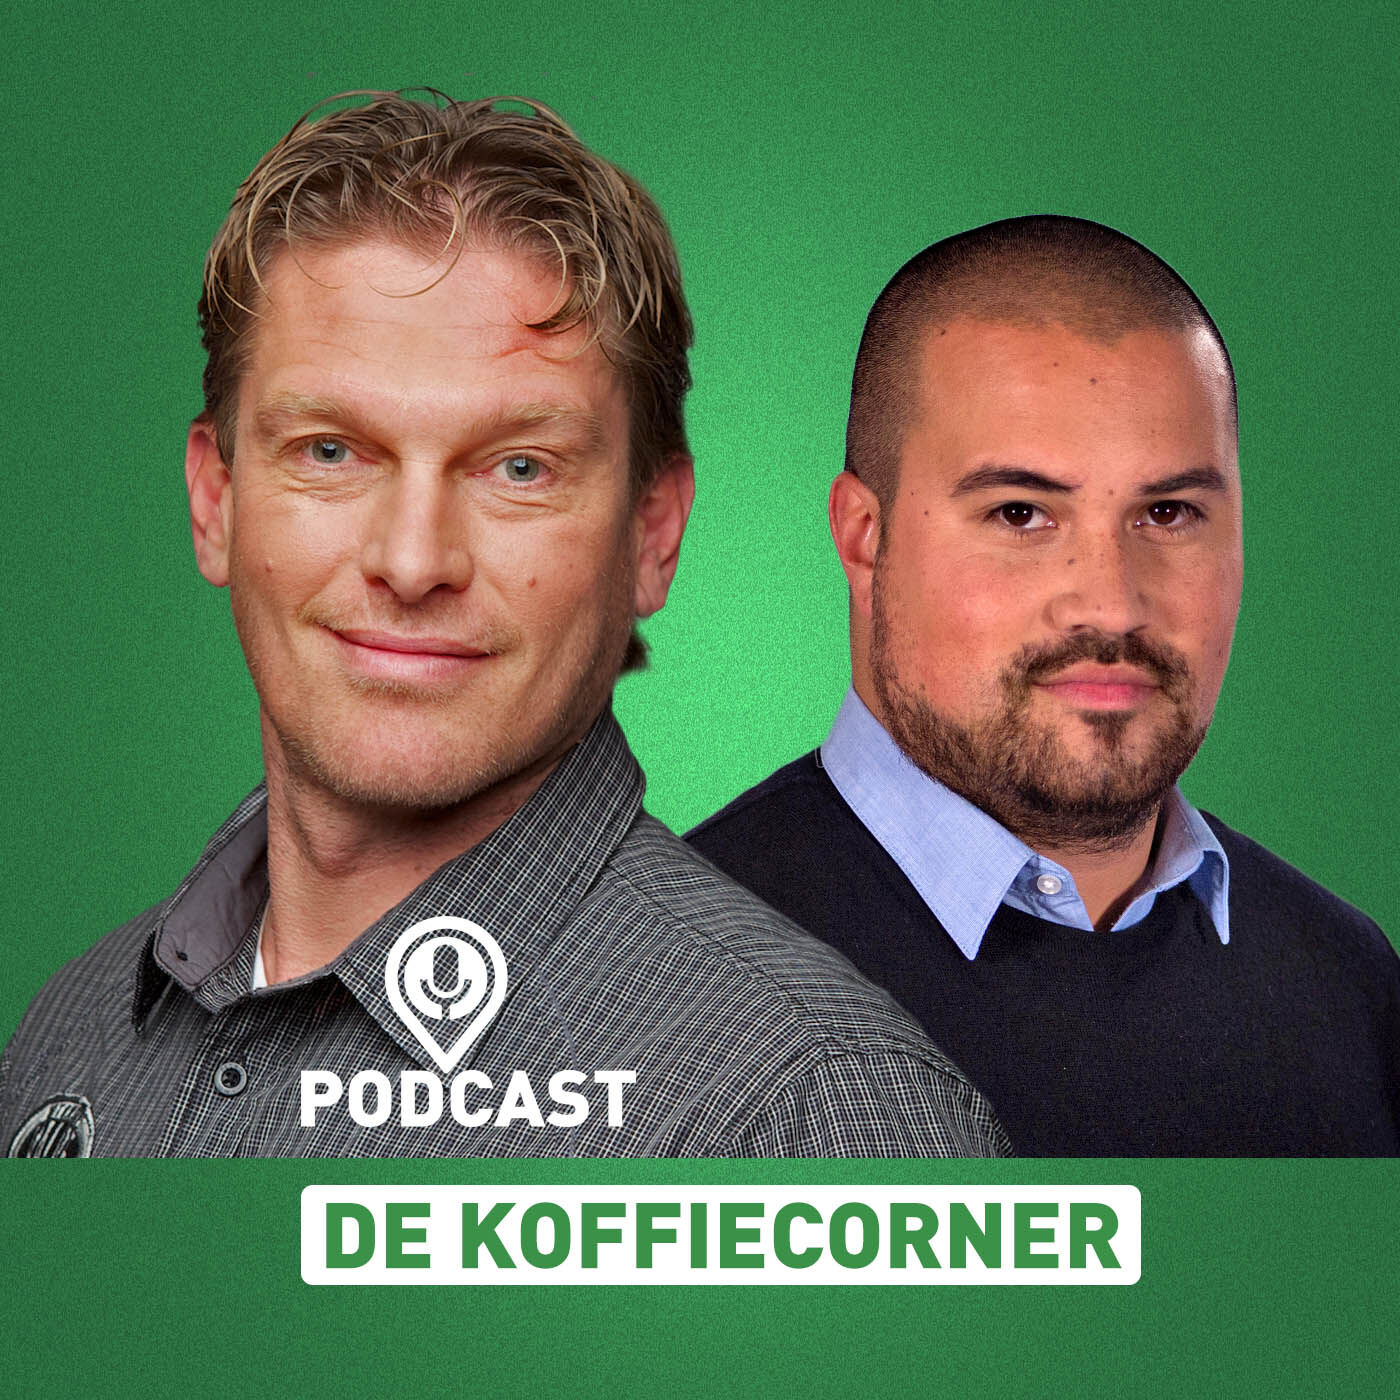 """De Koffiecorner #53 (met Wouter Gudde): """"Goed om uit te leggen dat de club er nu anders voor staat"""""""